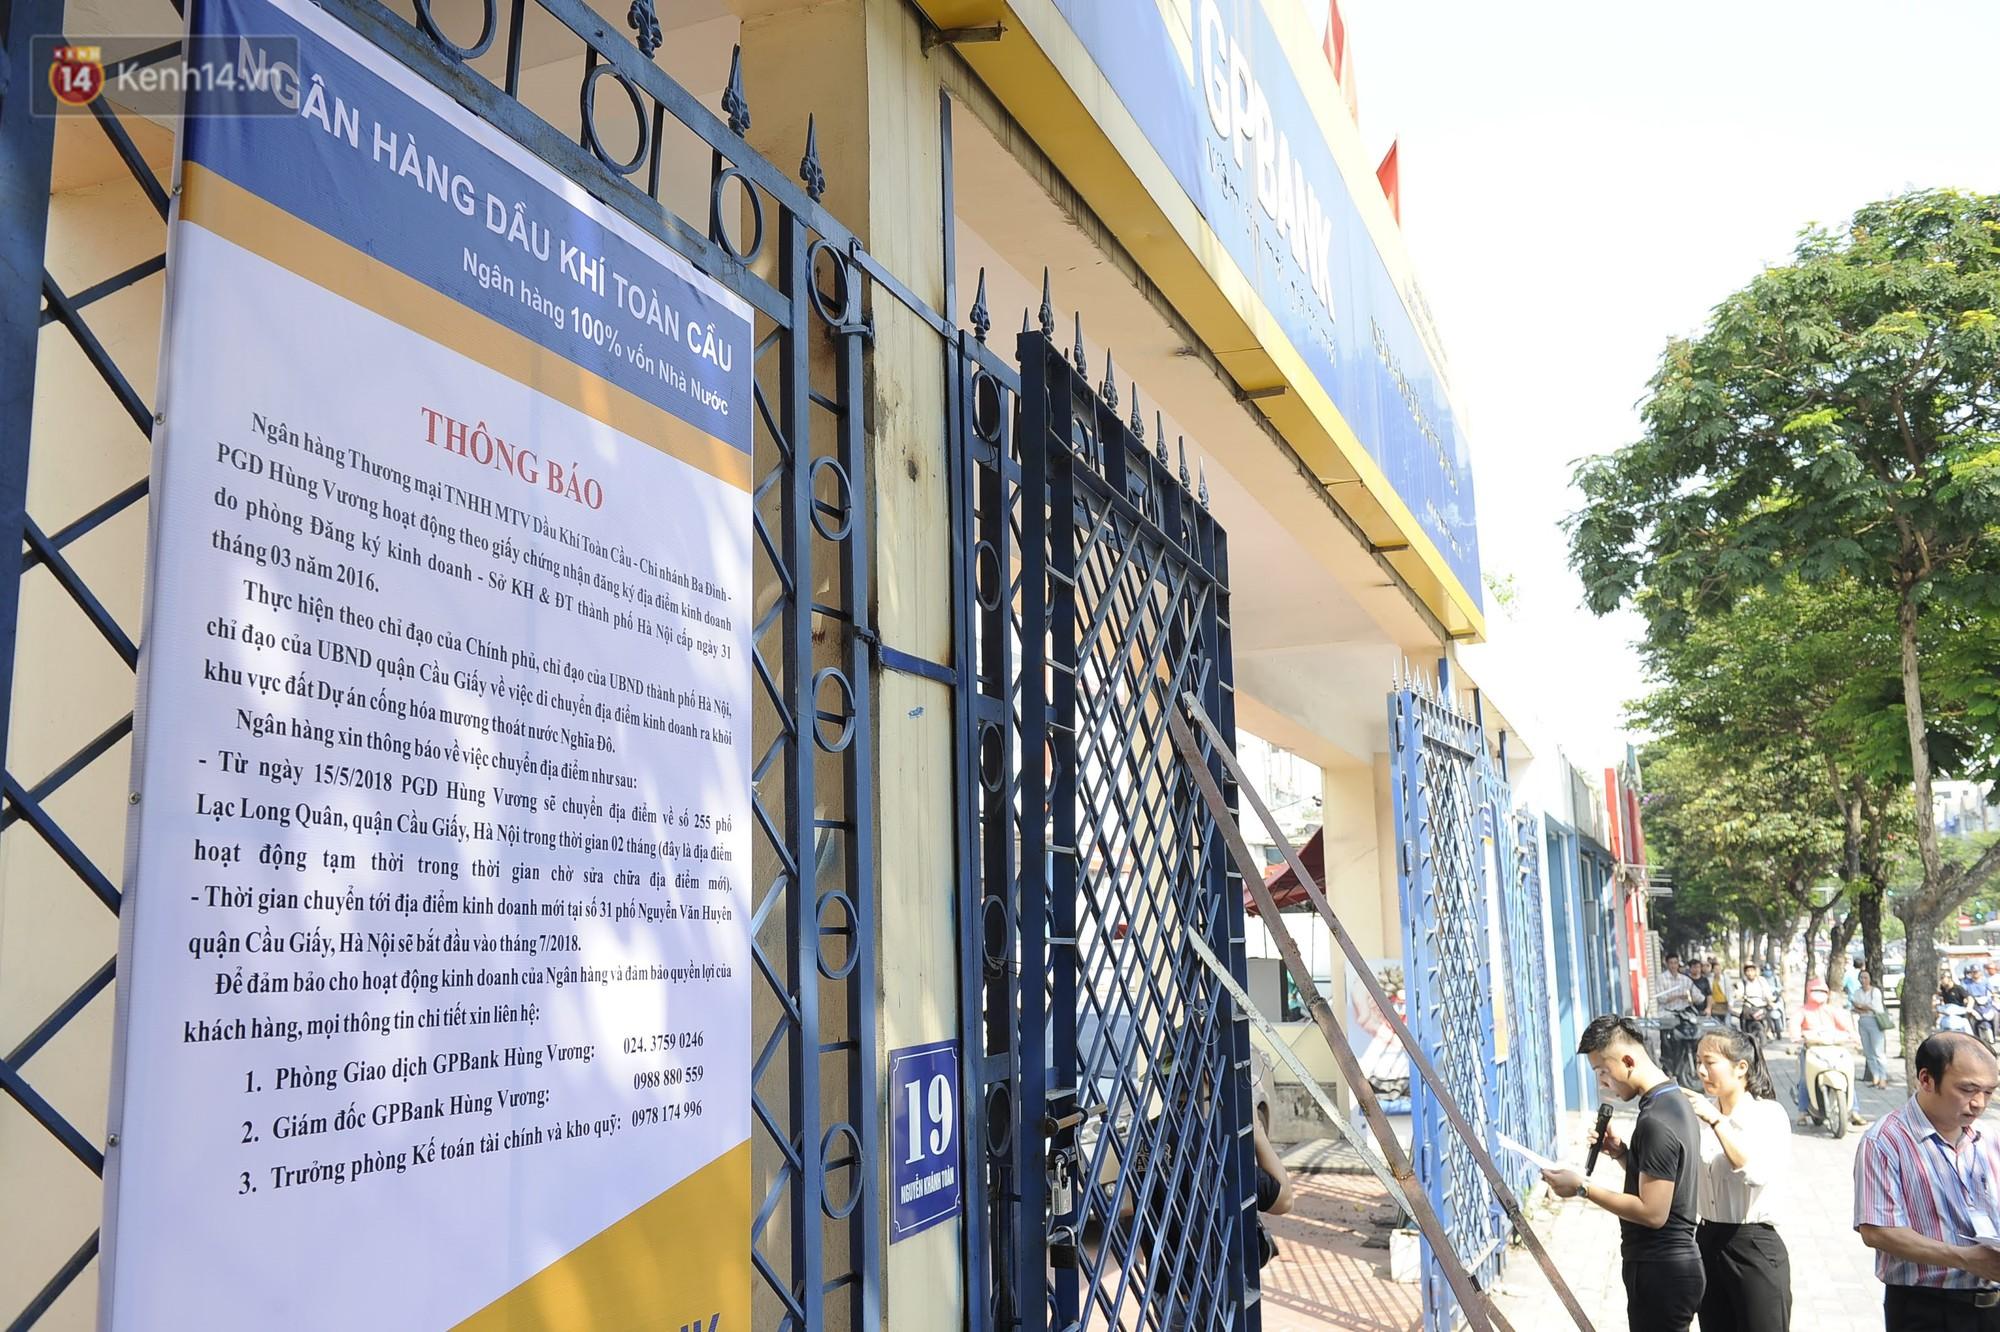 Hà Nội bắt đầu cưỡng chế 42 cơ sở kinh doanh vi phạm trật tự đô thị trên đất vàng Nguyễn Khánh Toàn - Ảnh 6.